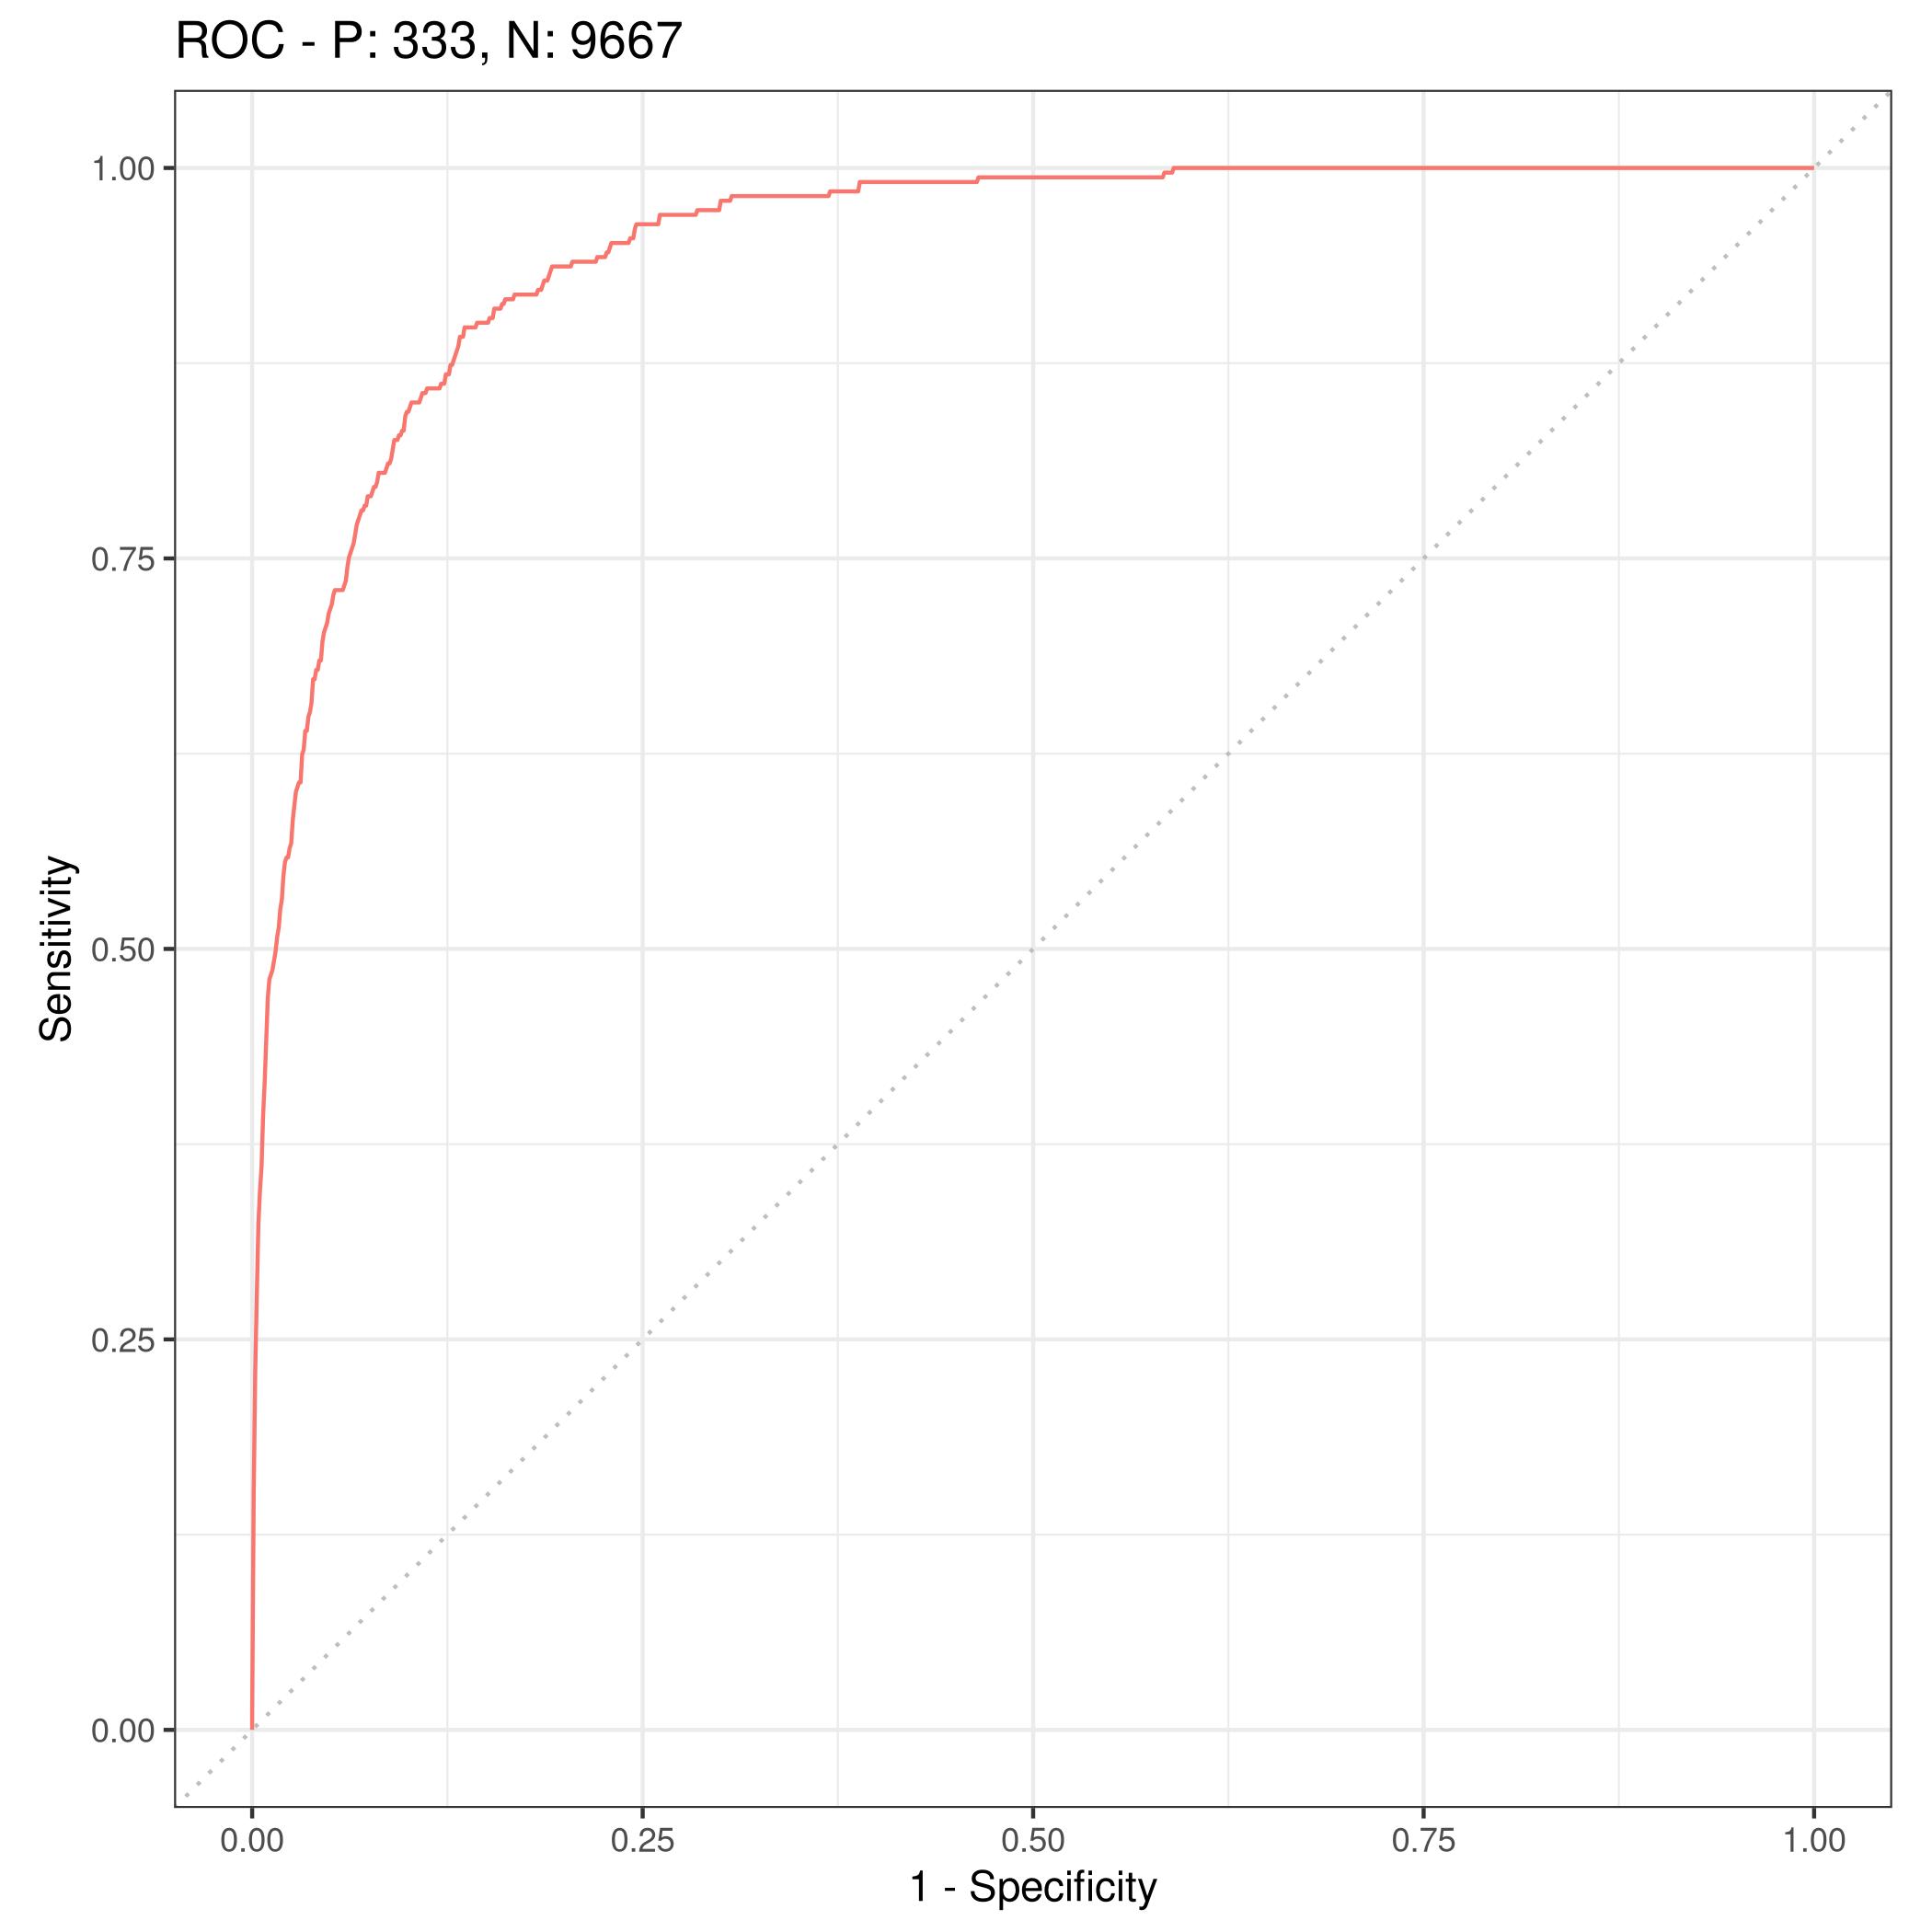 Figure 4: ROC curve